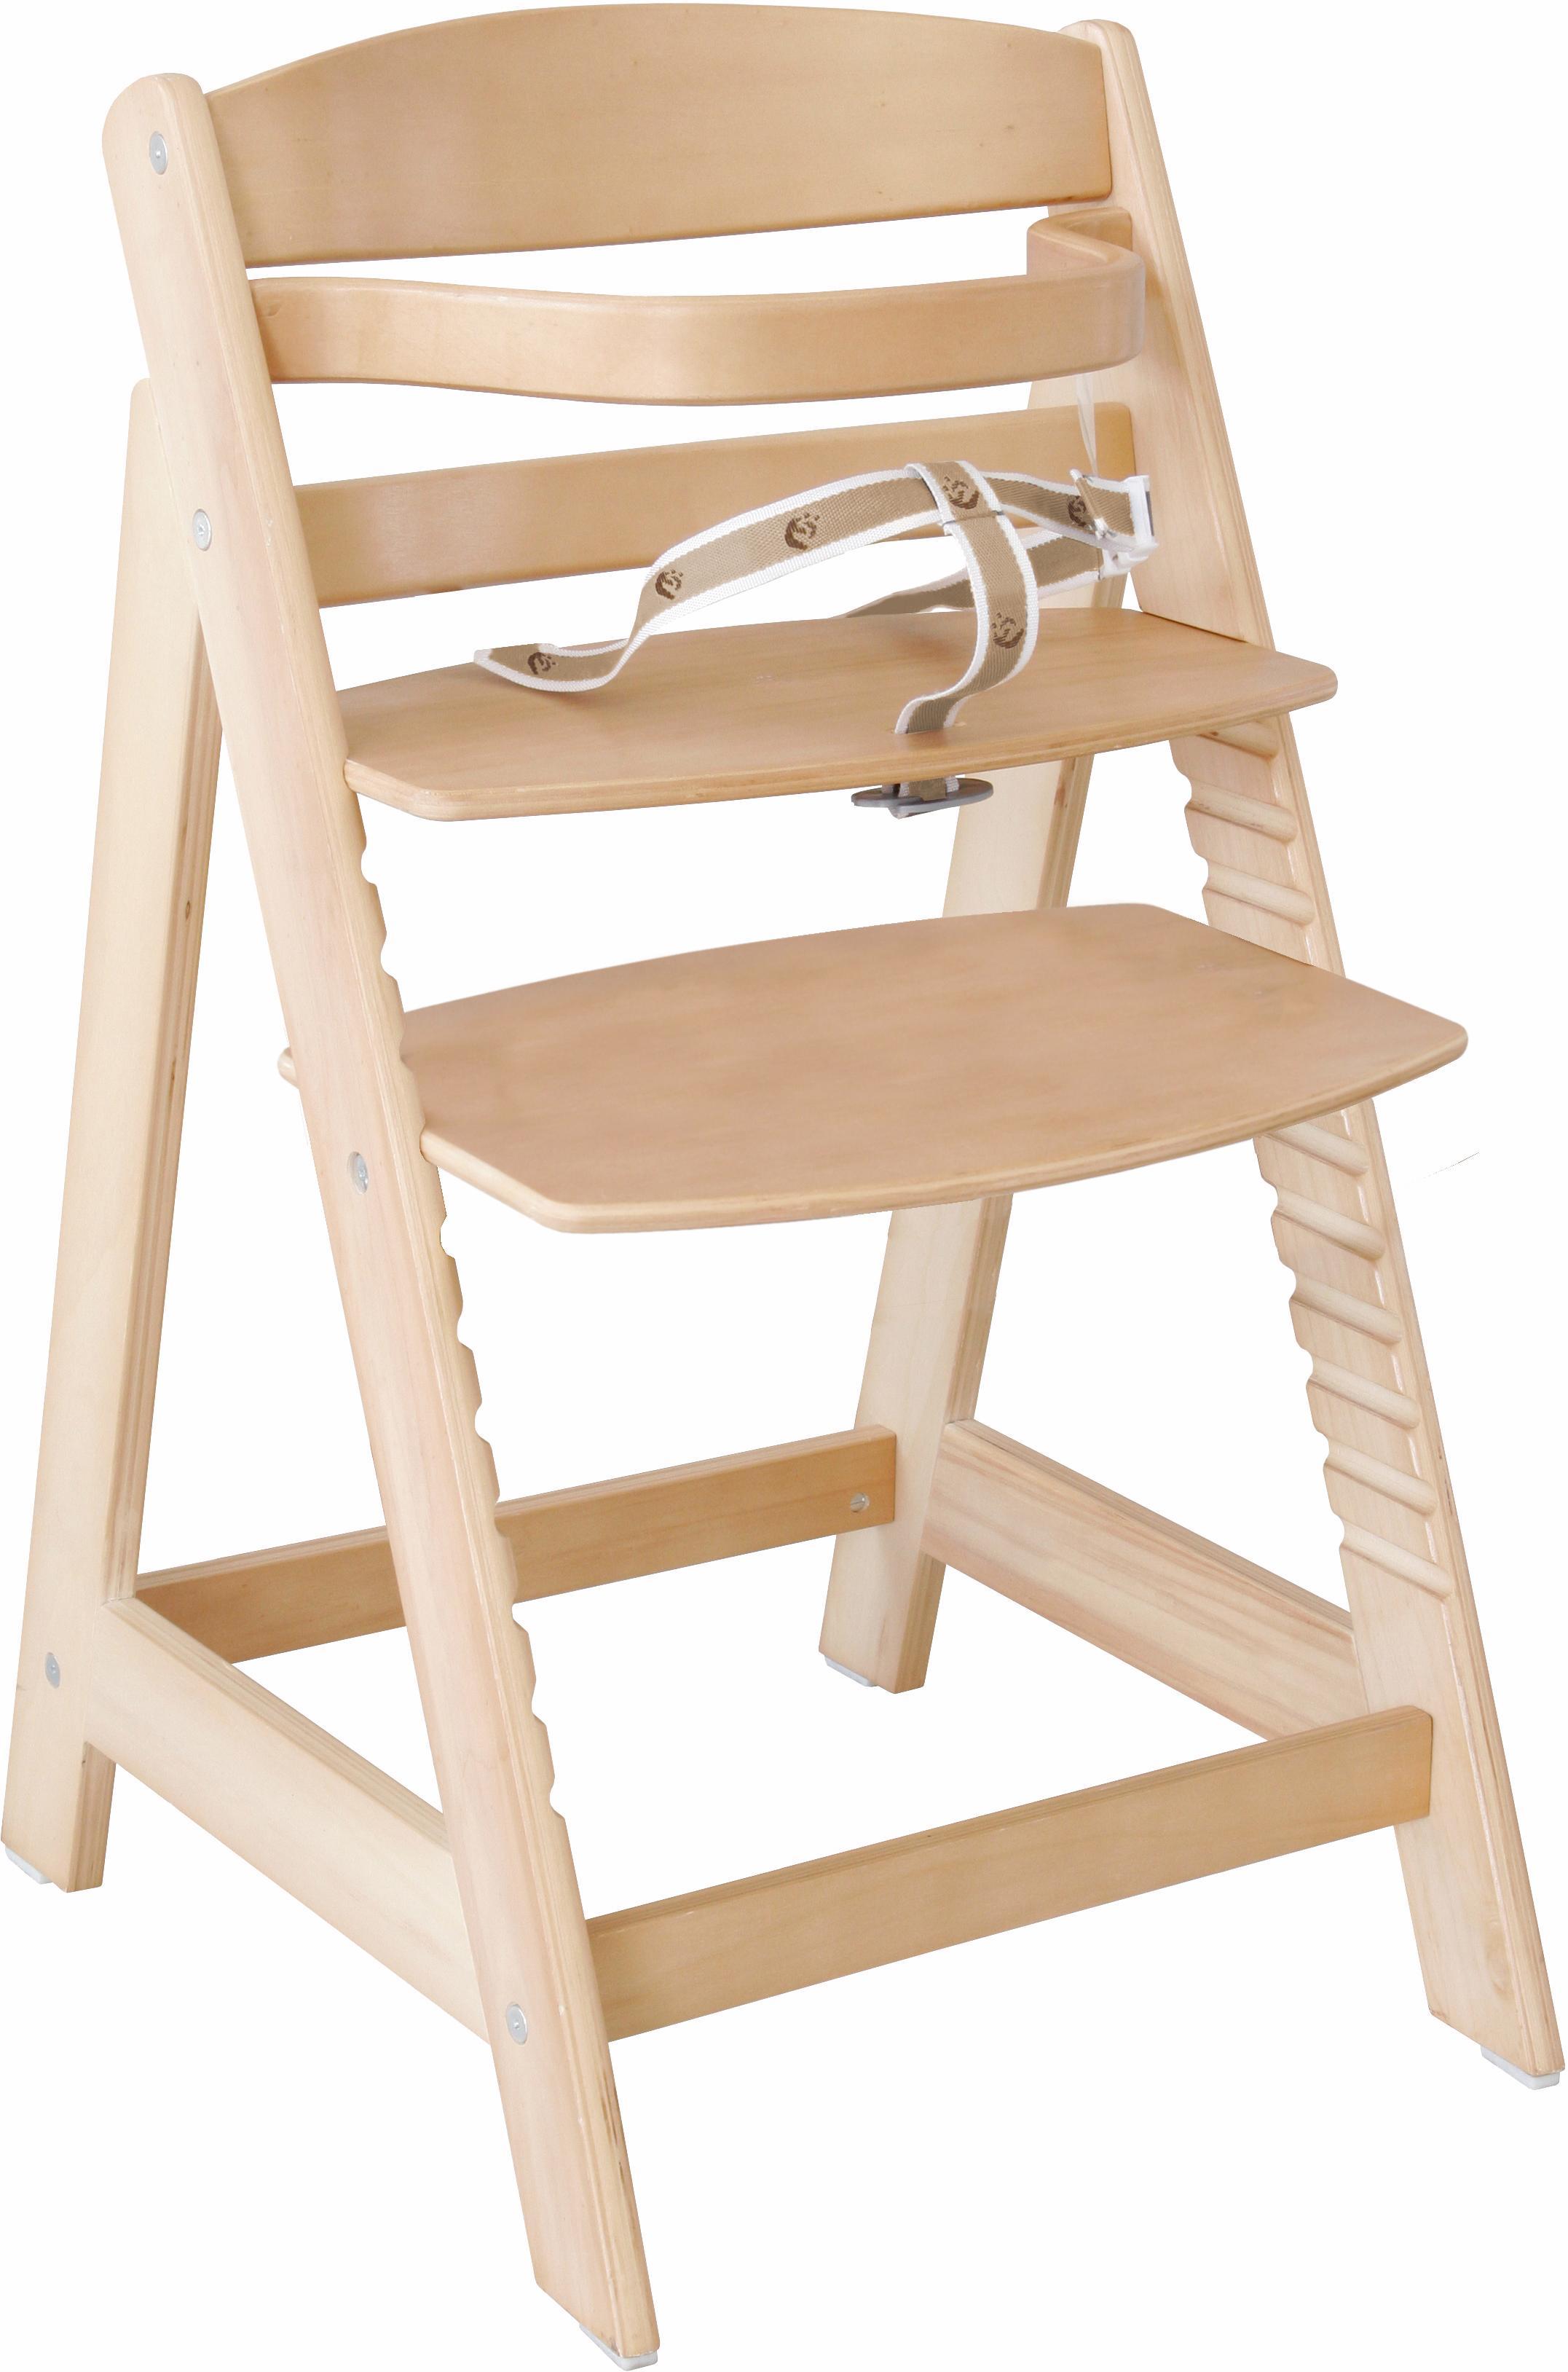 Roba Hochstuhl aus Holz, »Treppenhochstuhl Sit up III, natur«   Baumarkt > Leitern und Treppen > Treppen   Natur   Holz   ROBA